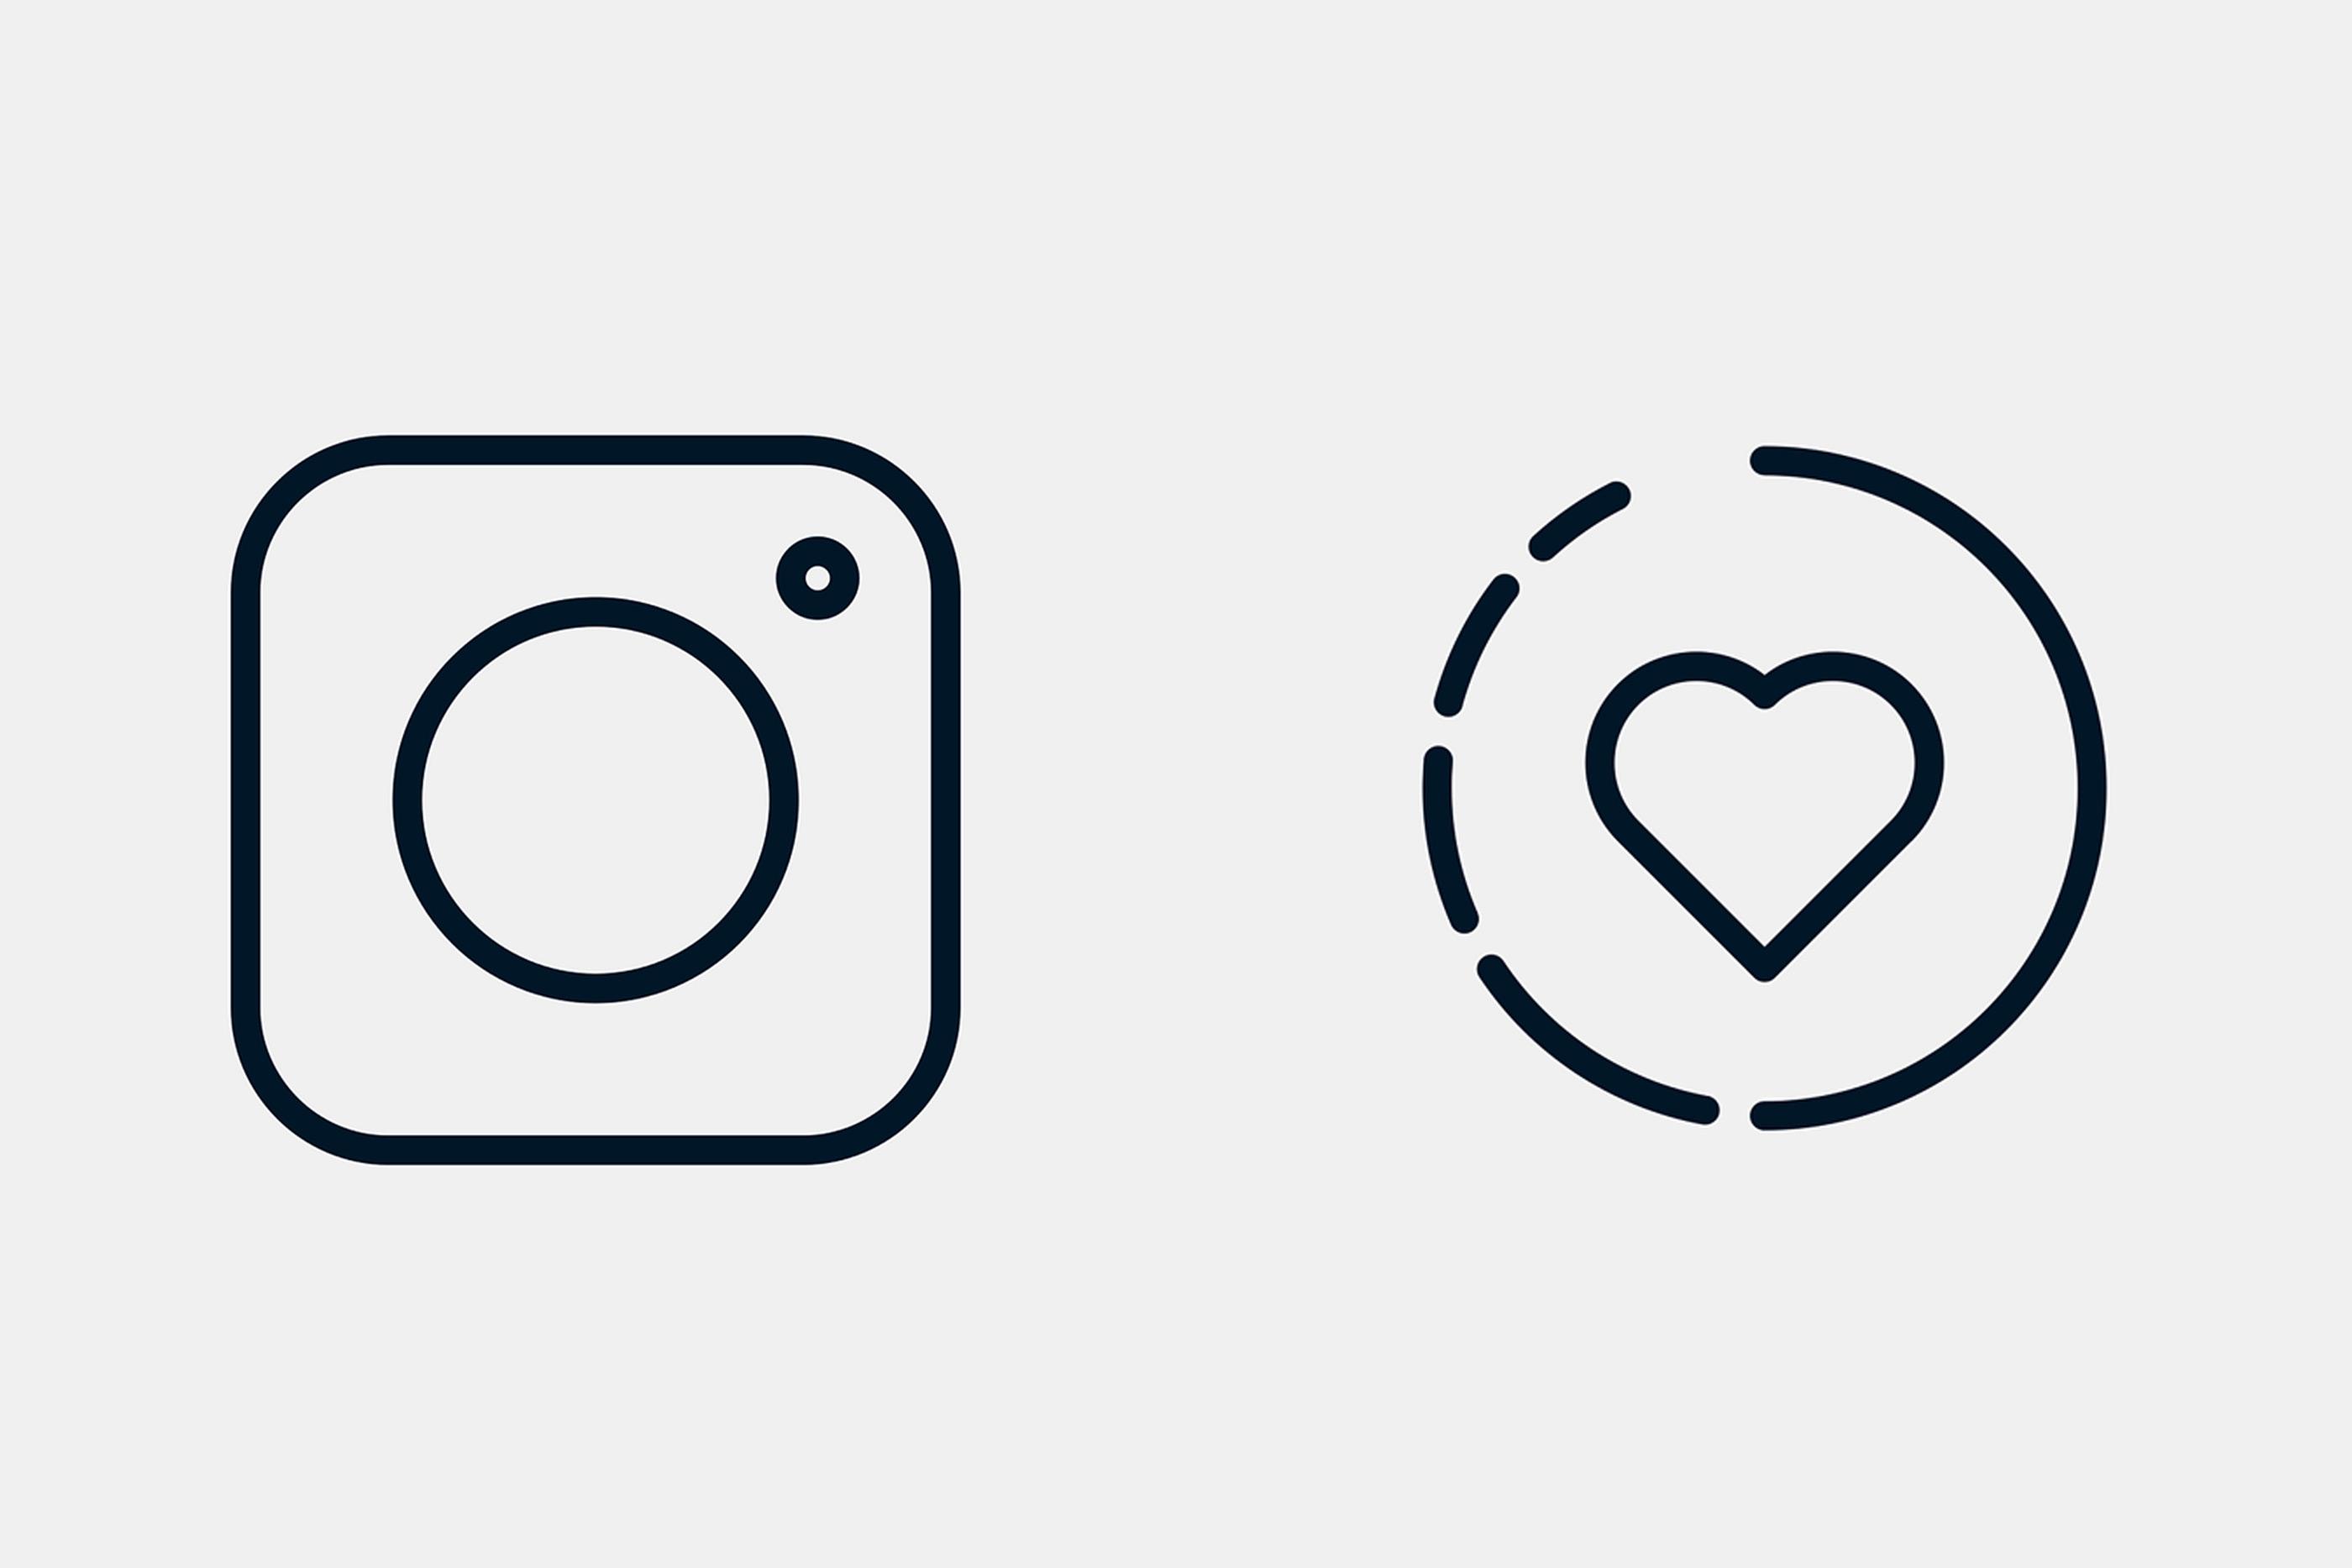 Dois ícones que representam dois símbolos presentes na rede social instagram.